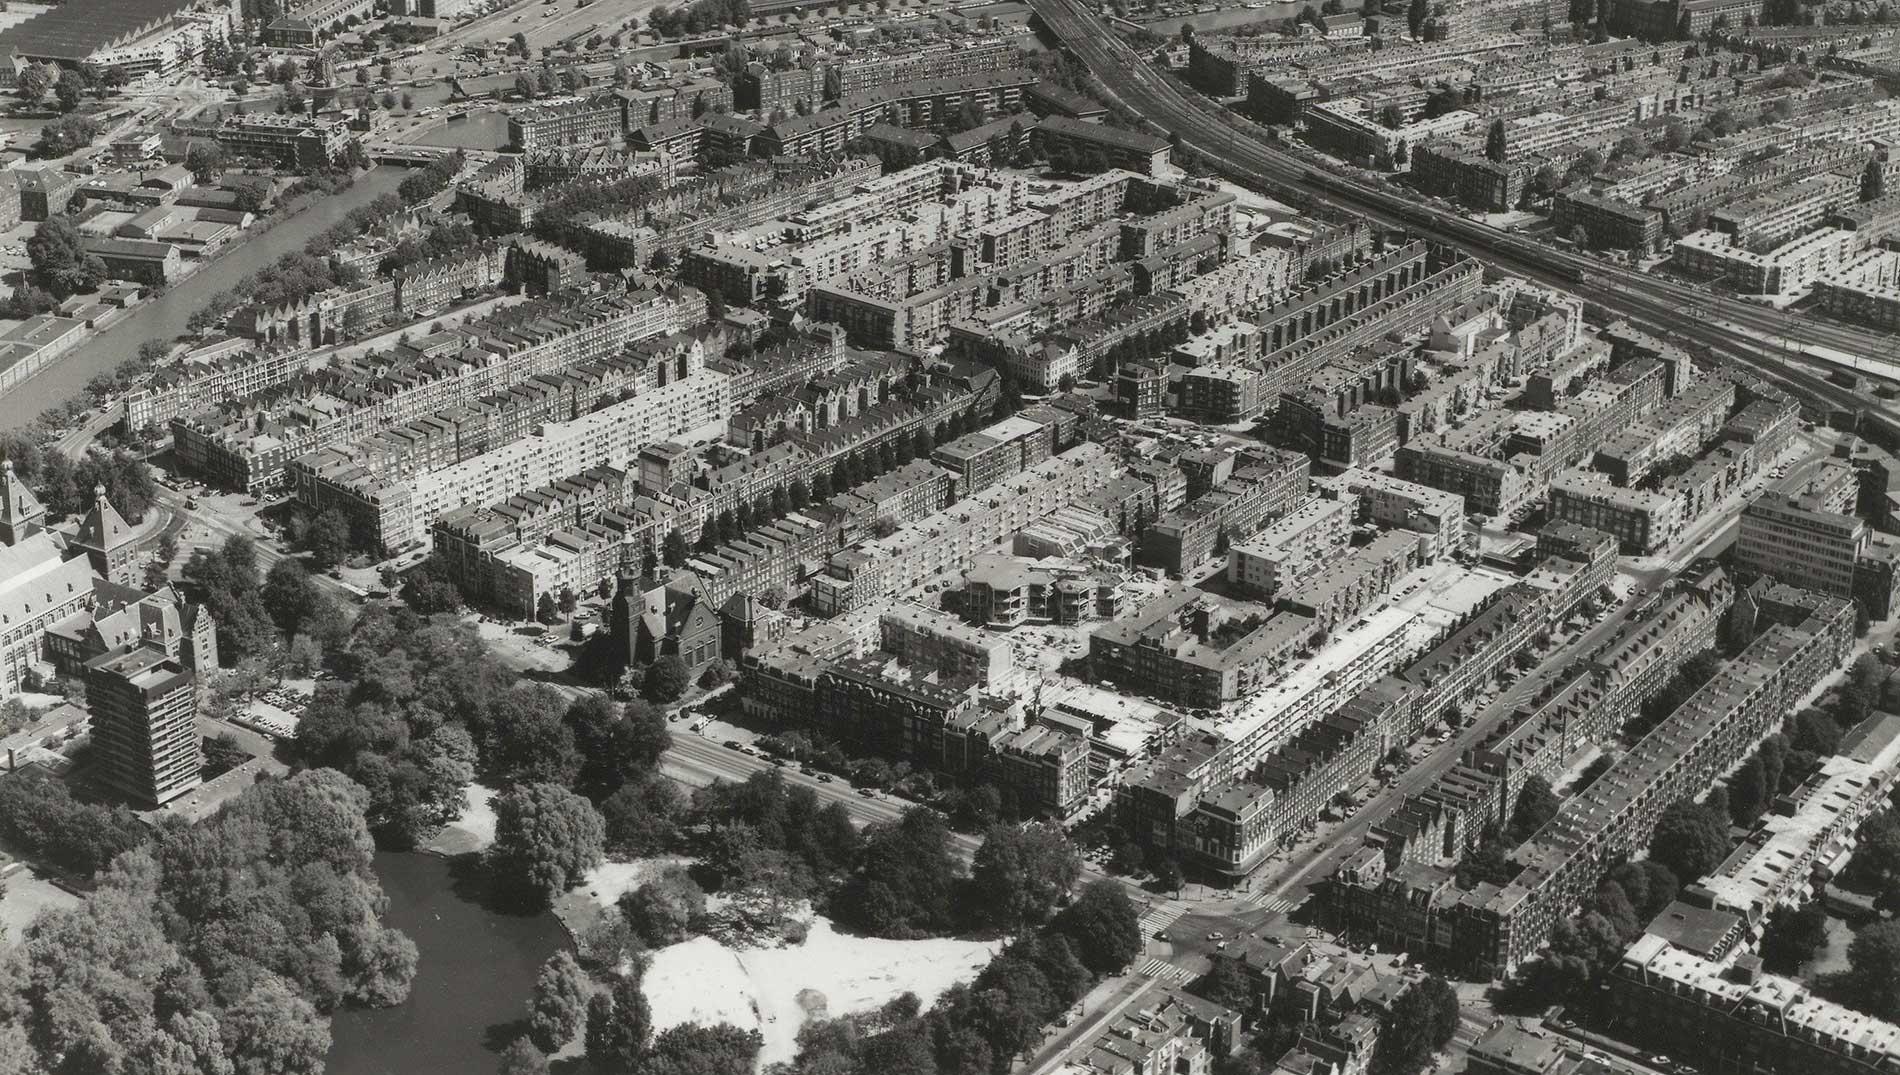 Luchtfoto Dapperbuurt gezien in Noord-oostelijke richting met links Tropenhotel en